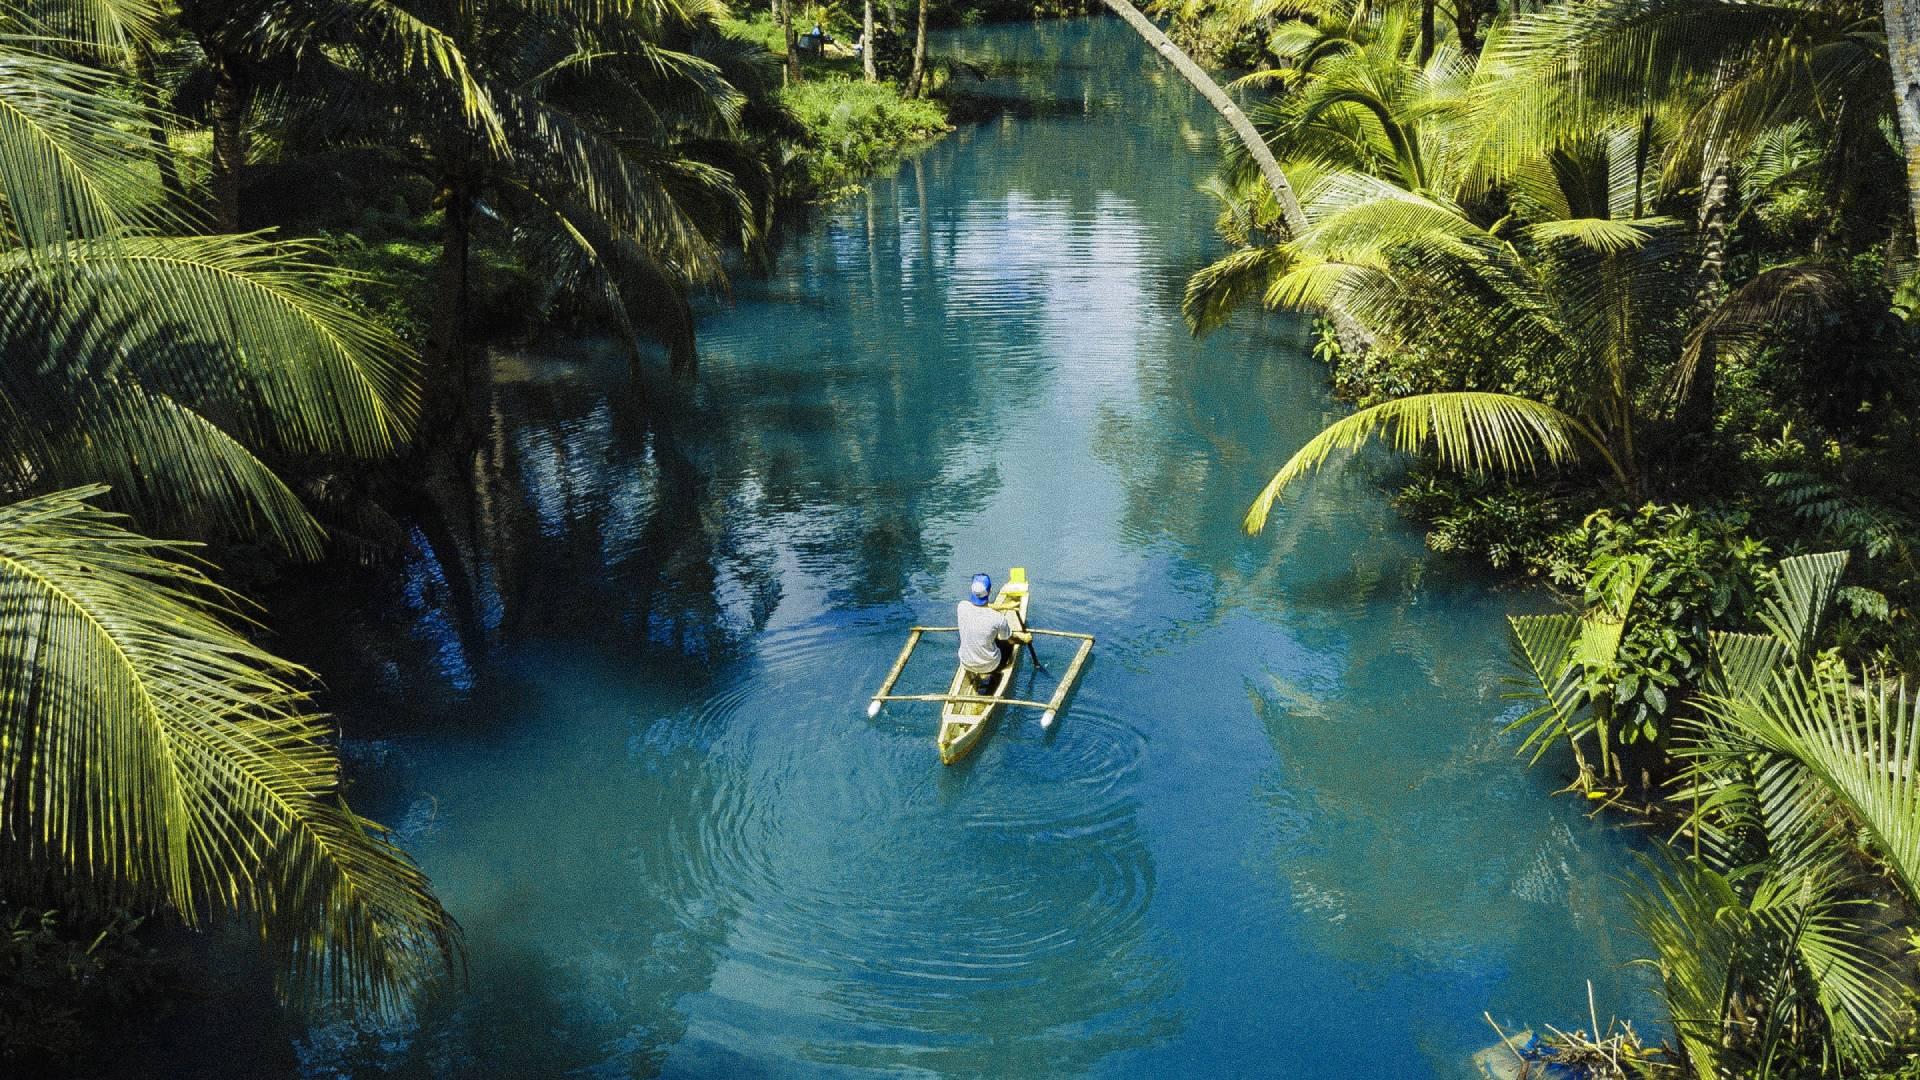 hajókázás a dzsungelben